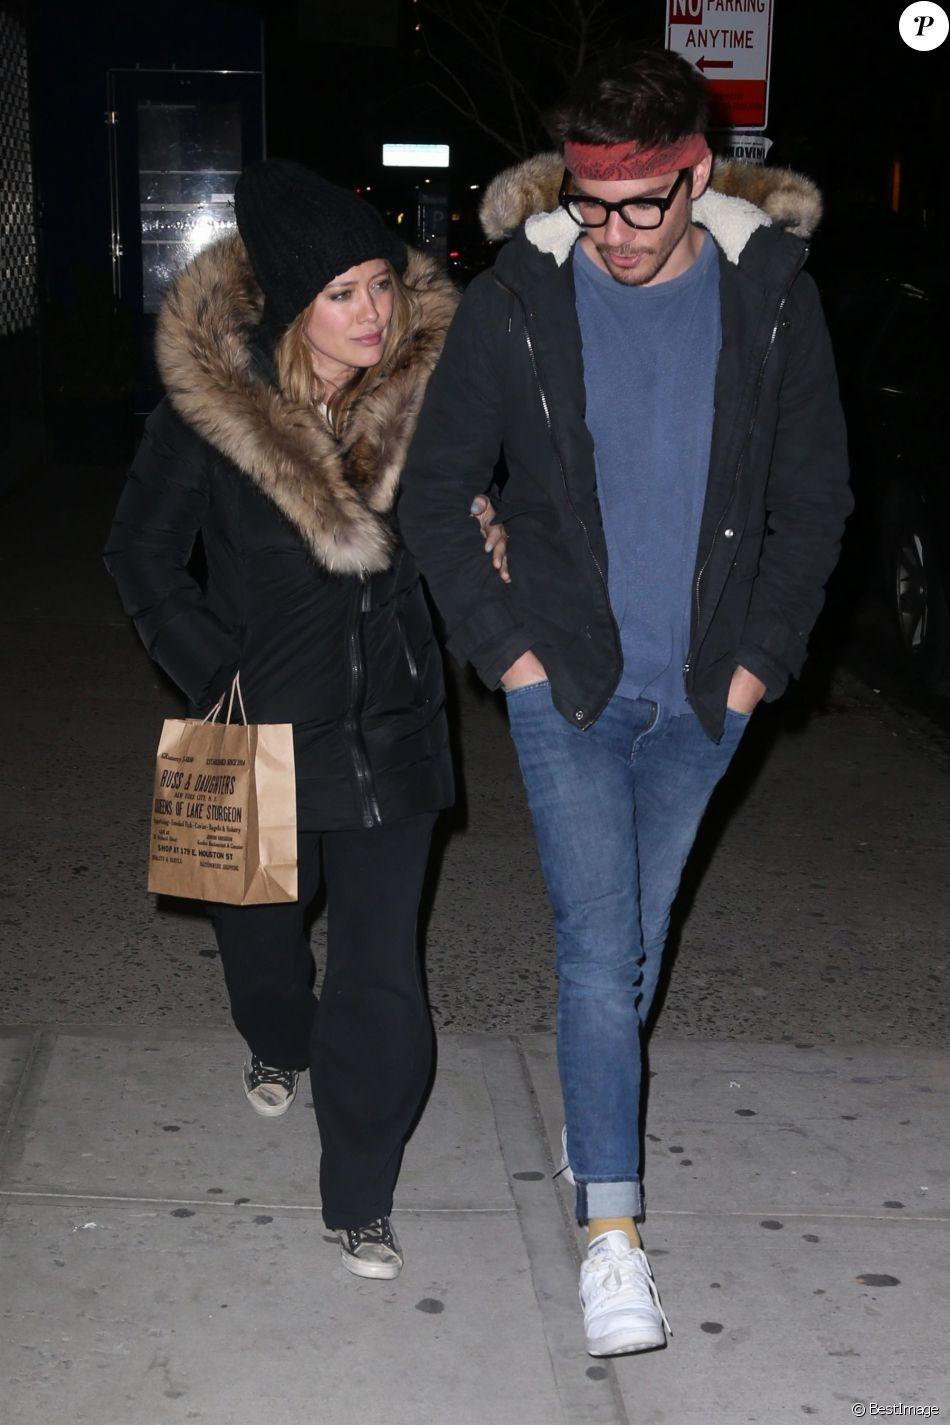 Exclusif - Hilary Duff et son compagnon Matthew Koma sont allés diner en amoureux au restaurant Russ & Daughters à New York, le 10 avril 2018